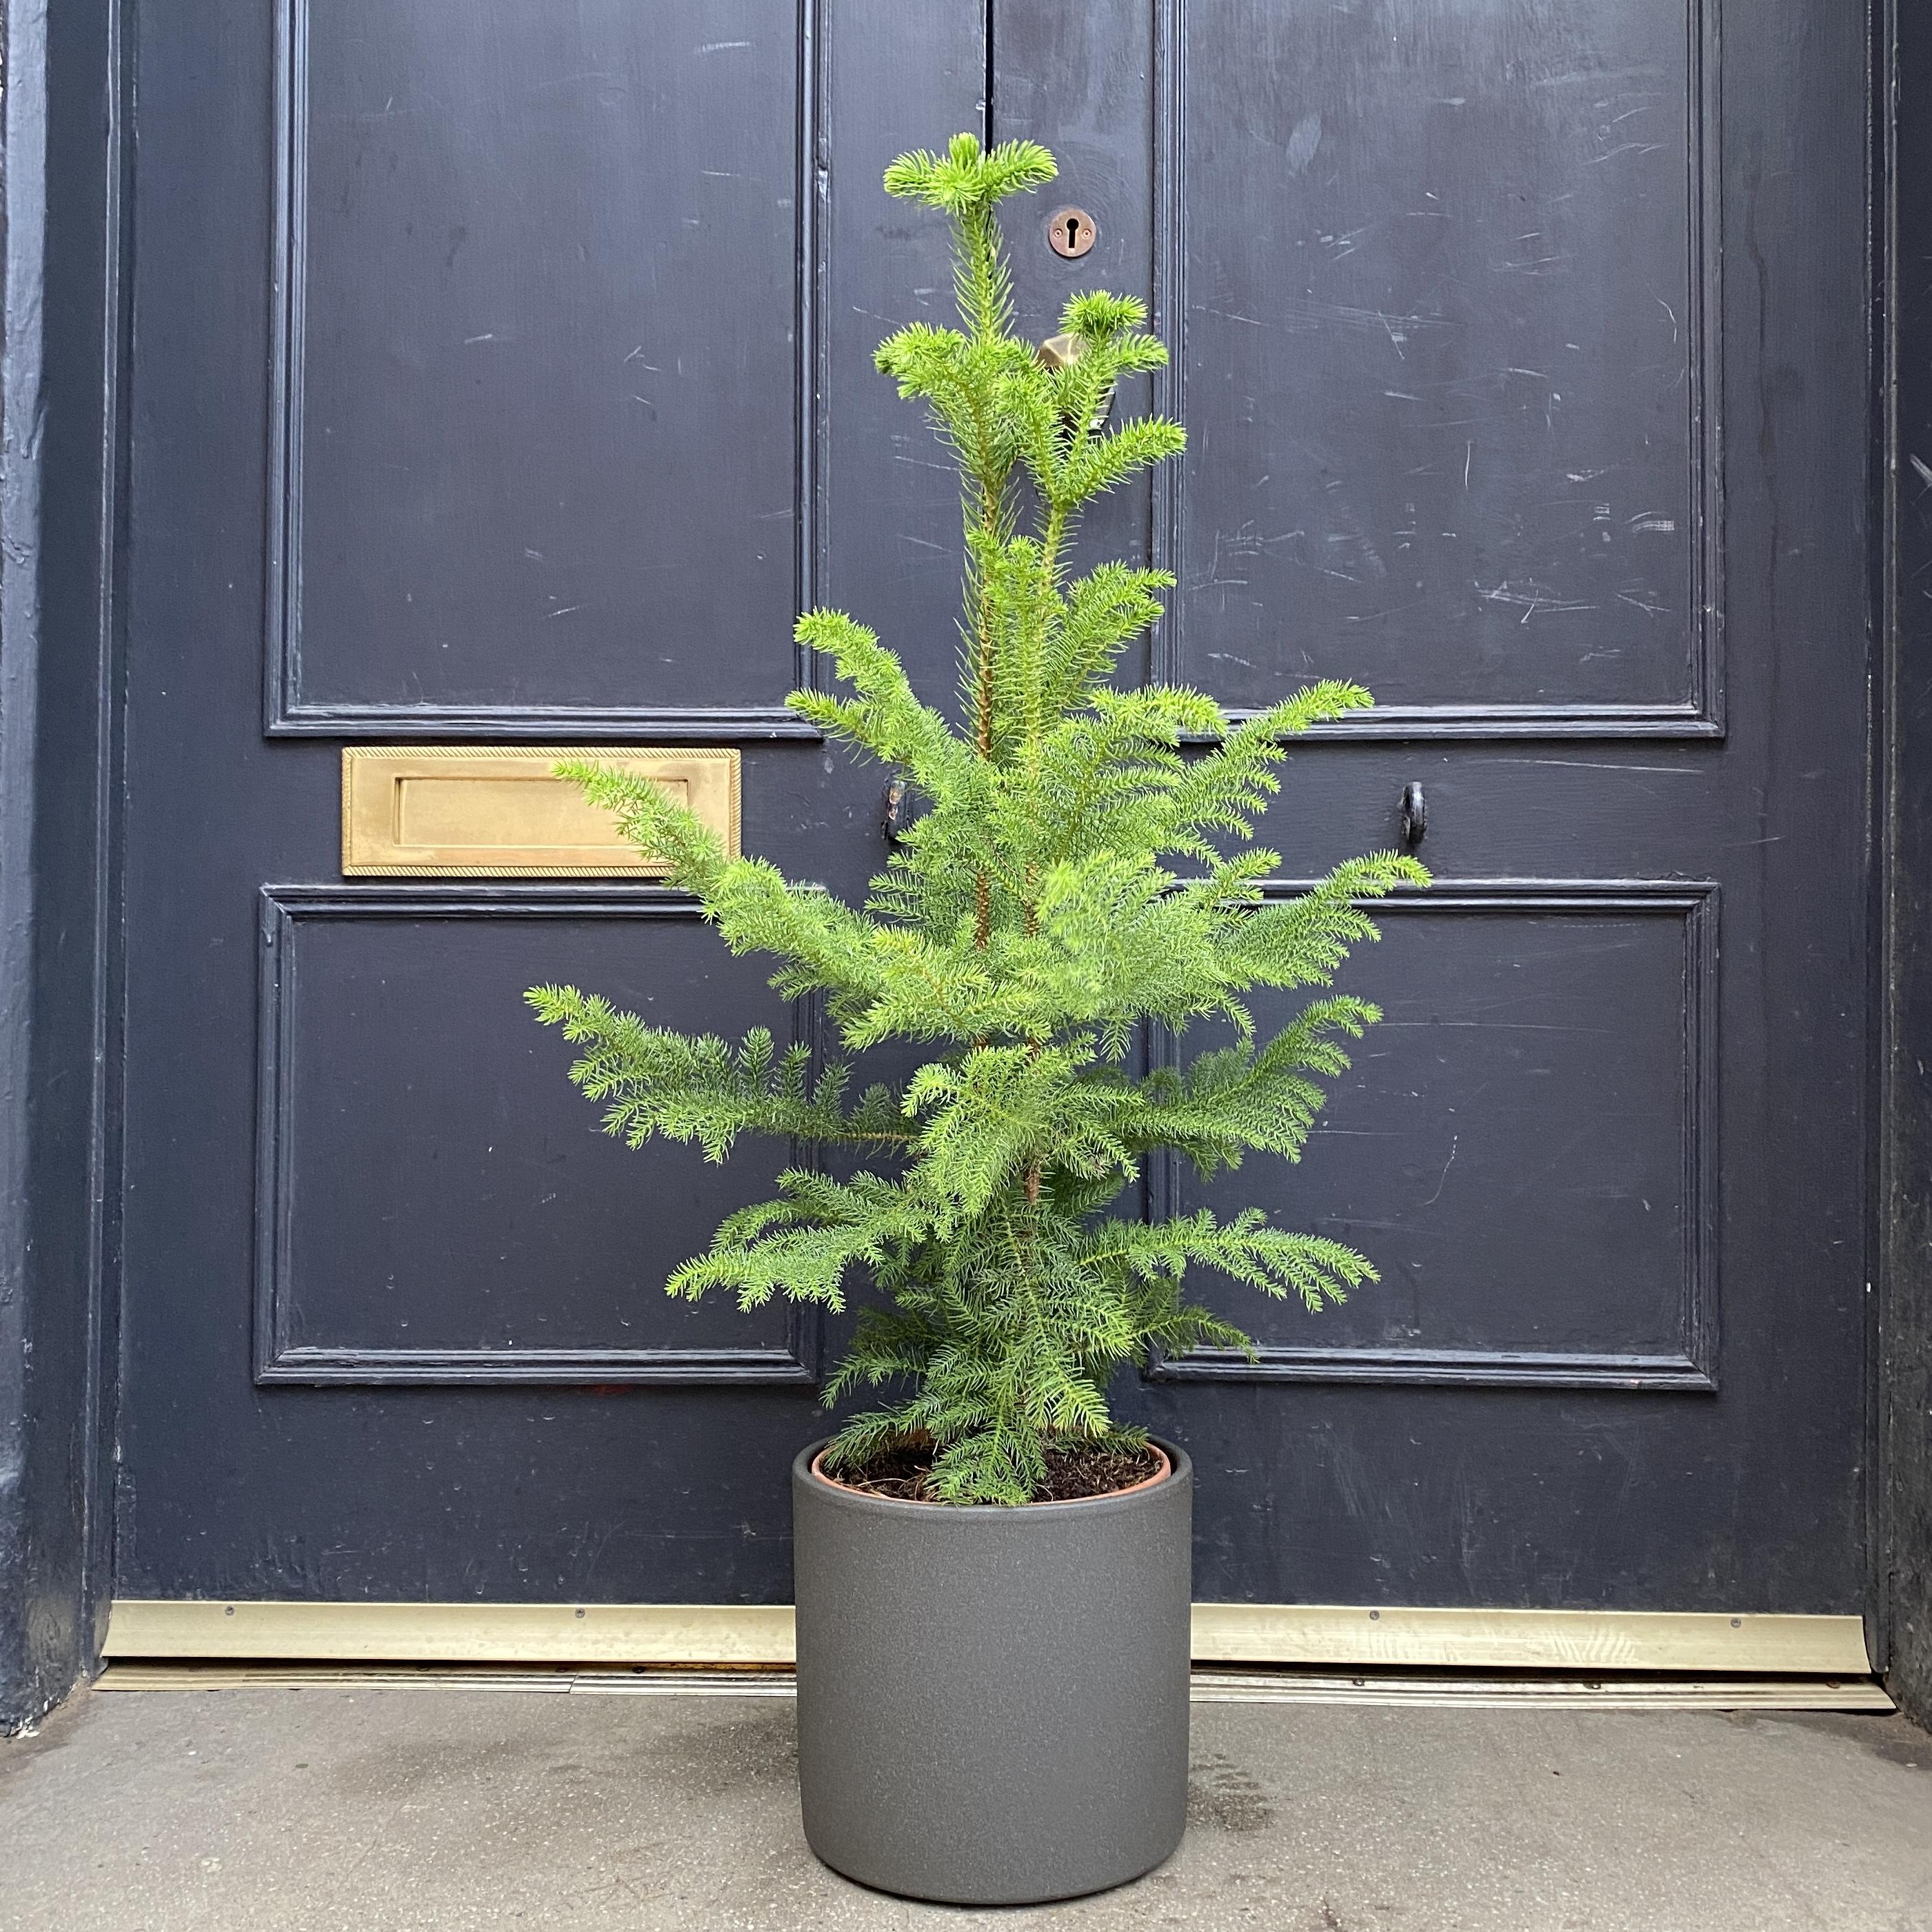 Araucaria heterophylla (21cm pot)